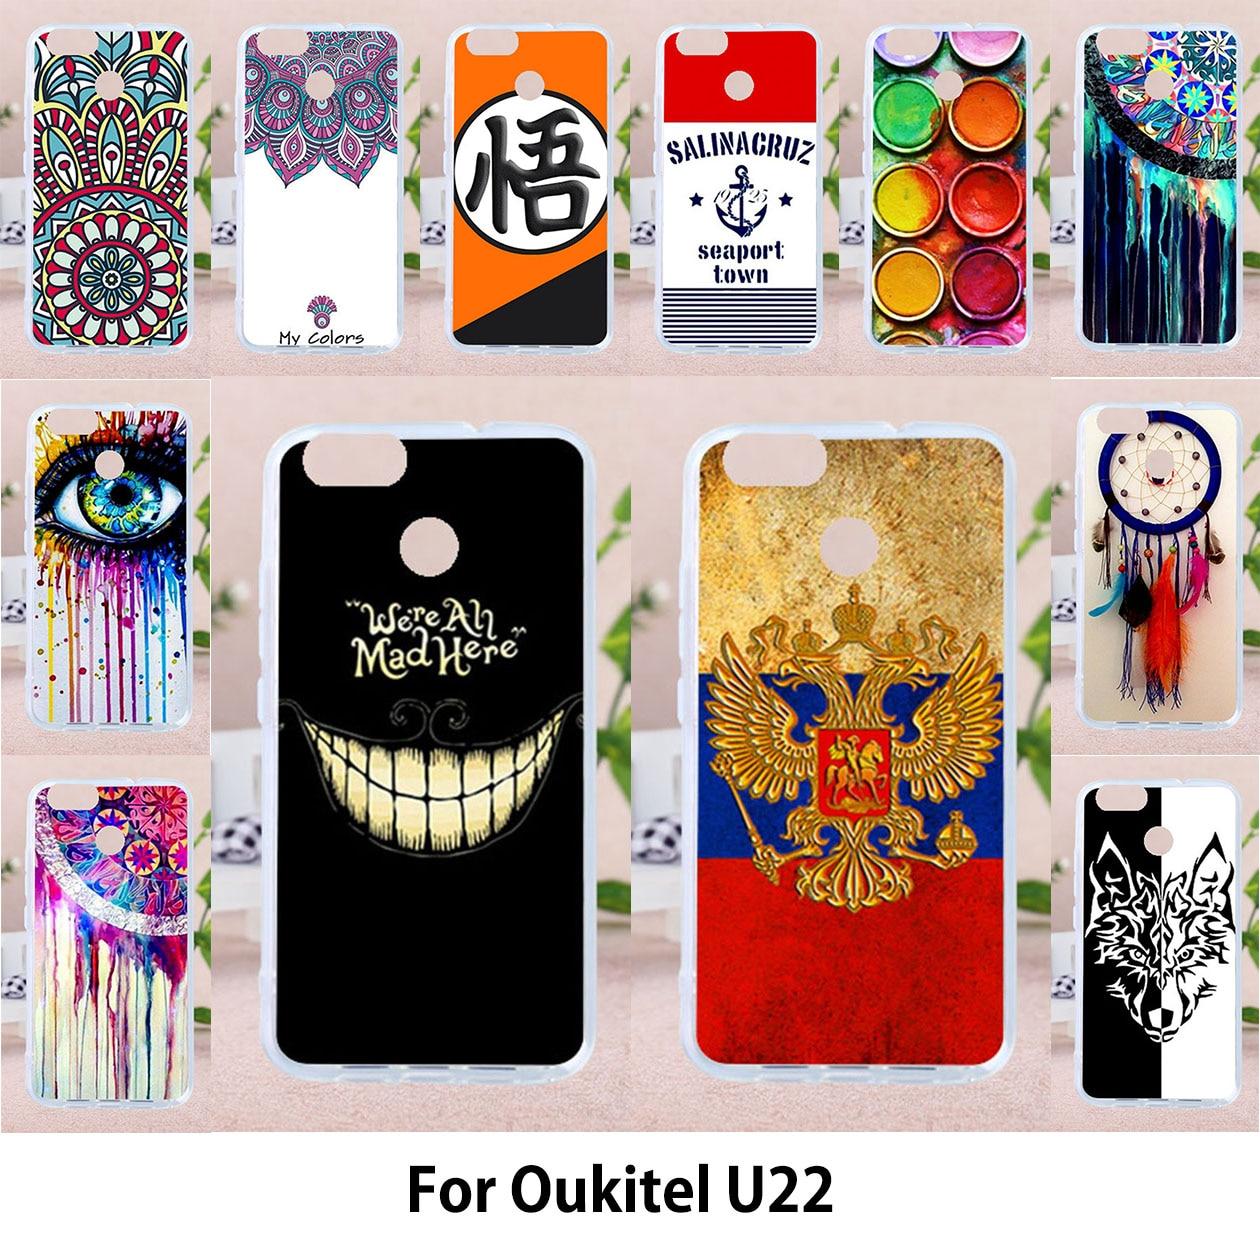 TAOYUNXI чехол для oukitel u22 силиконовый чехол роспись флаги большой улыбкой лицо чехол телефона щит капот 5,5 дюйма